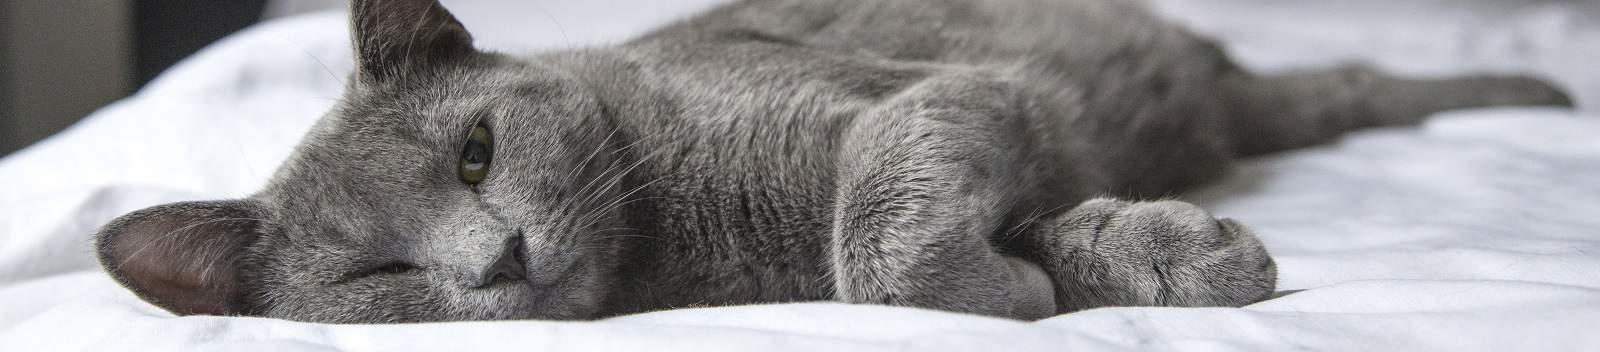 (Tip) Slecht slapen tegengaan? Maak het probleem niet erger!